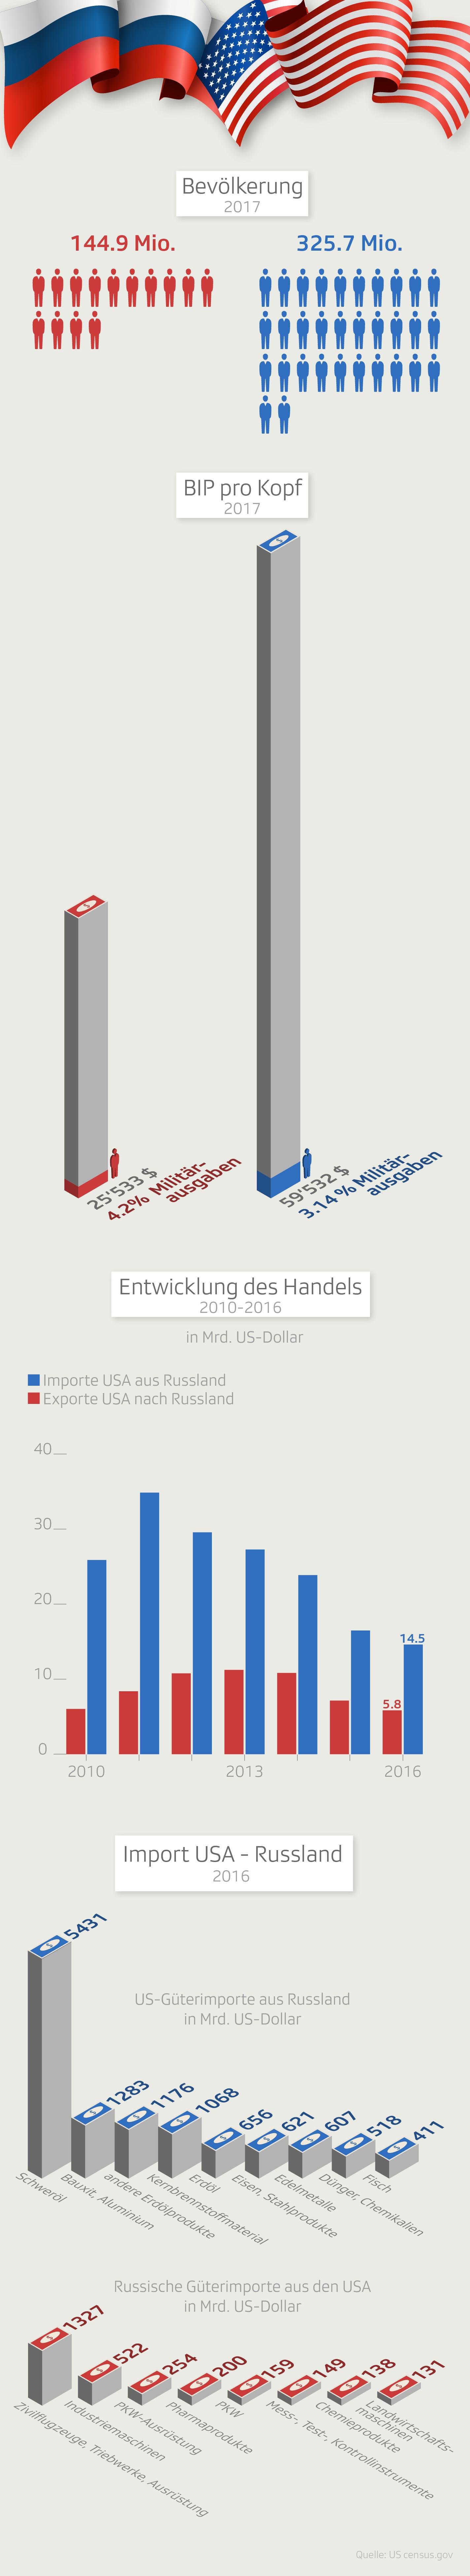 USA und Russland im Vergleich